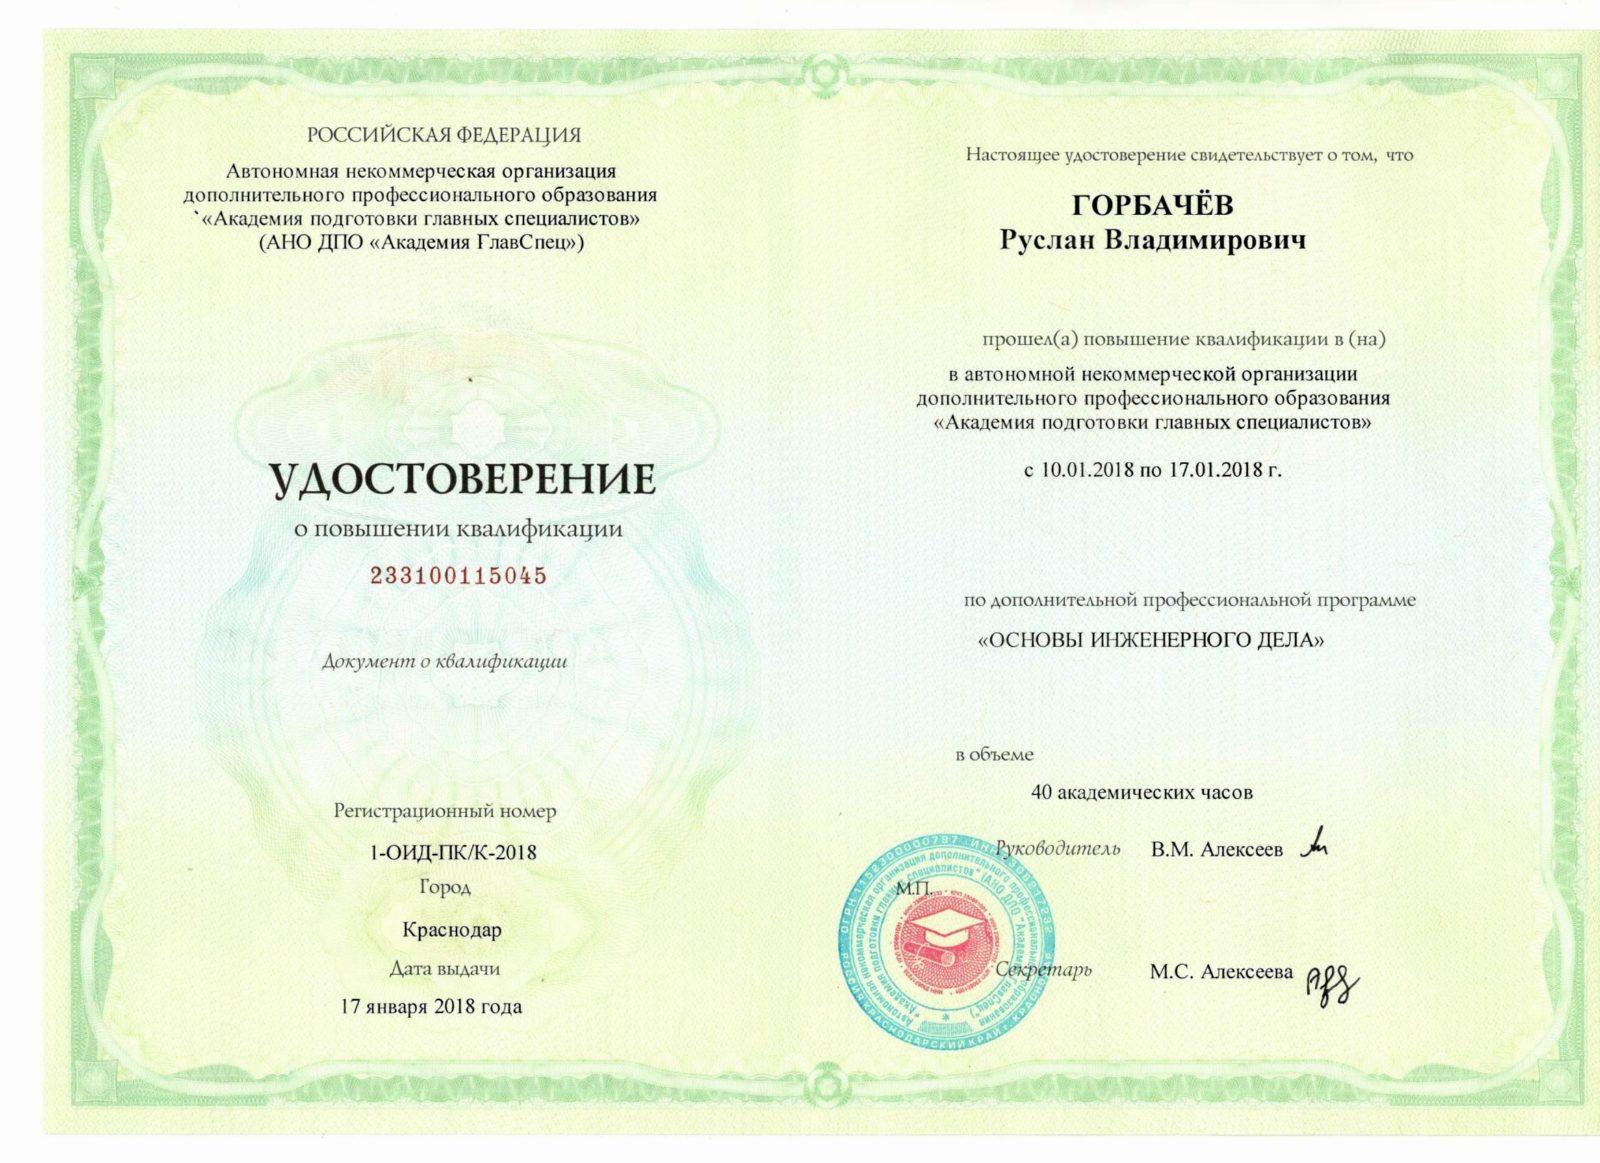 удостоверение - Горбачёв